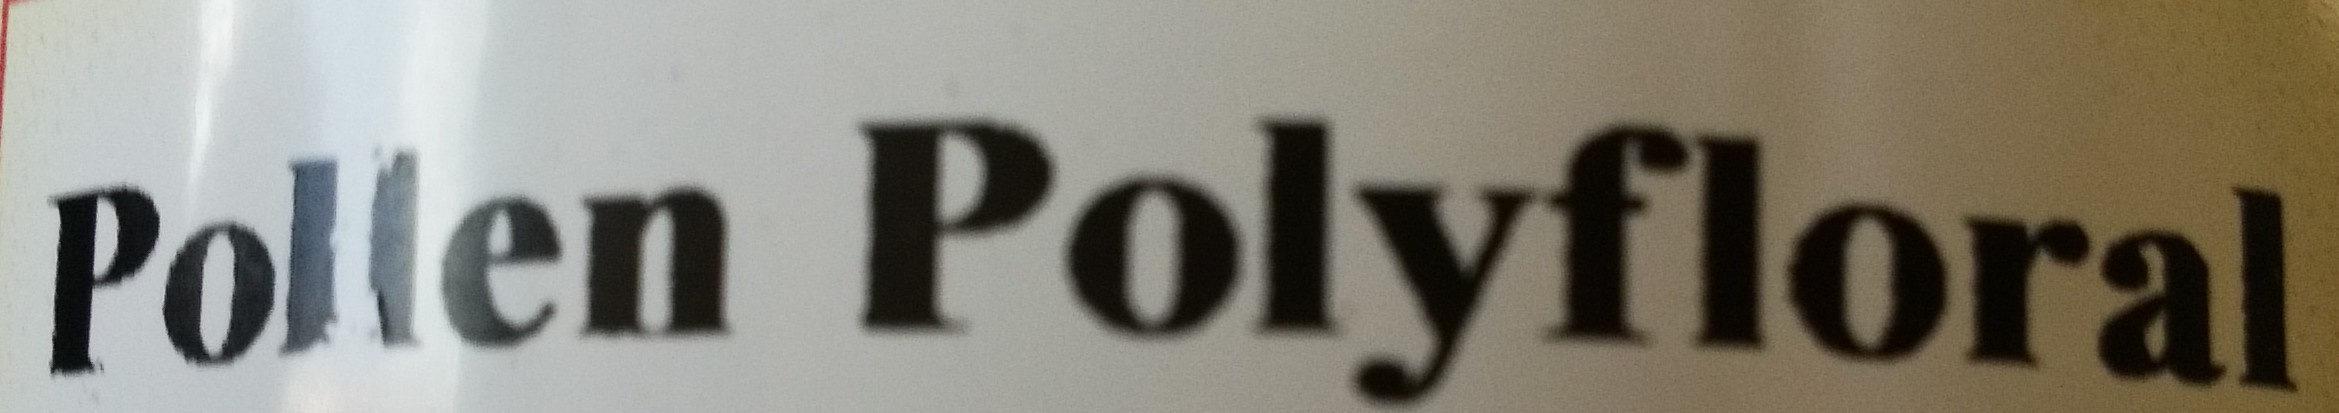 Pollen Polyfloral - Ingrédients - fr